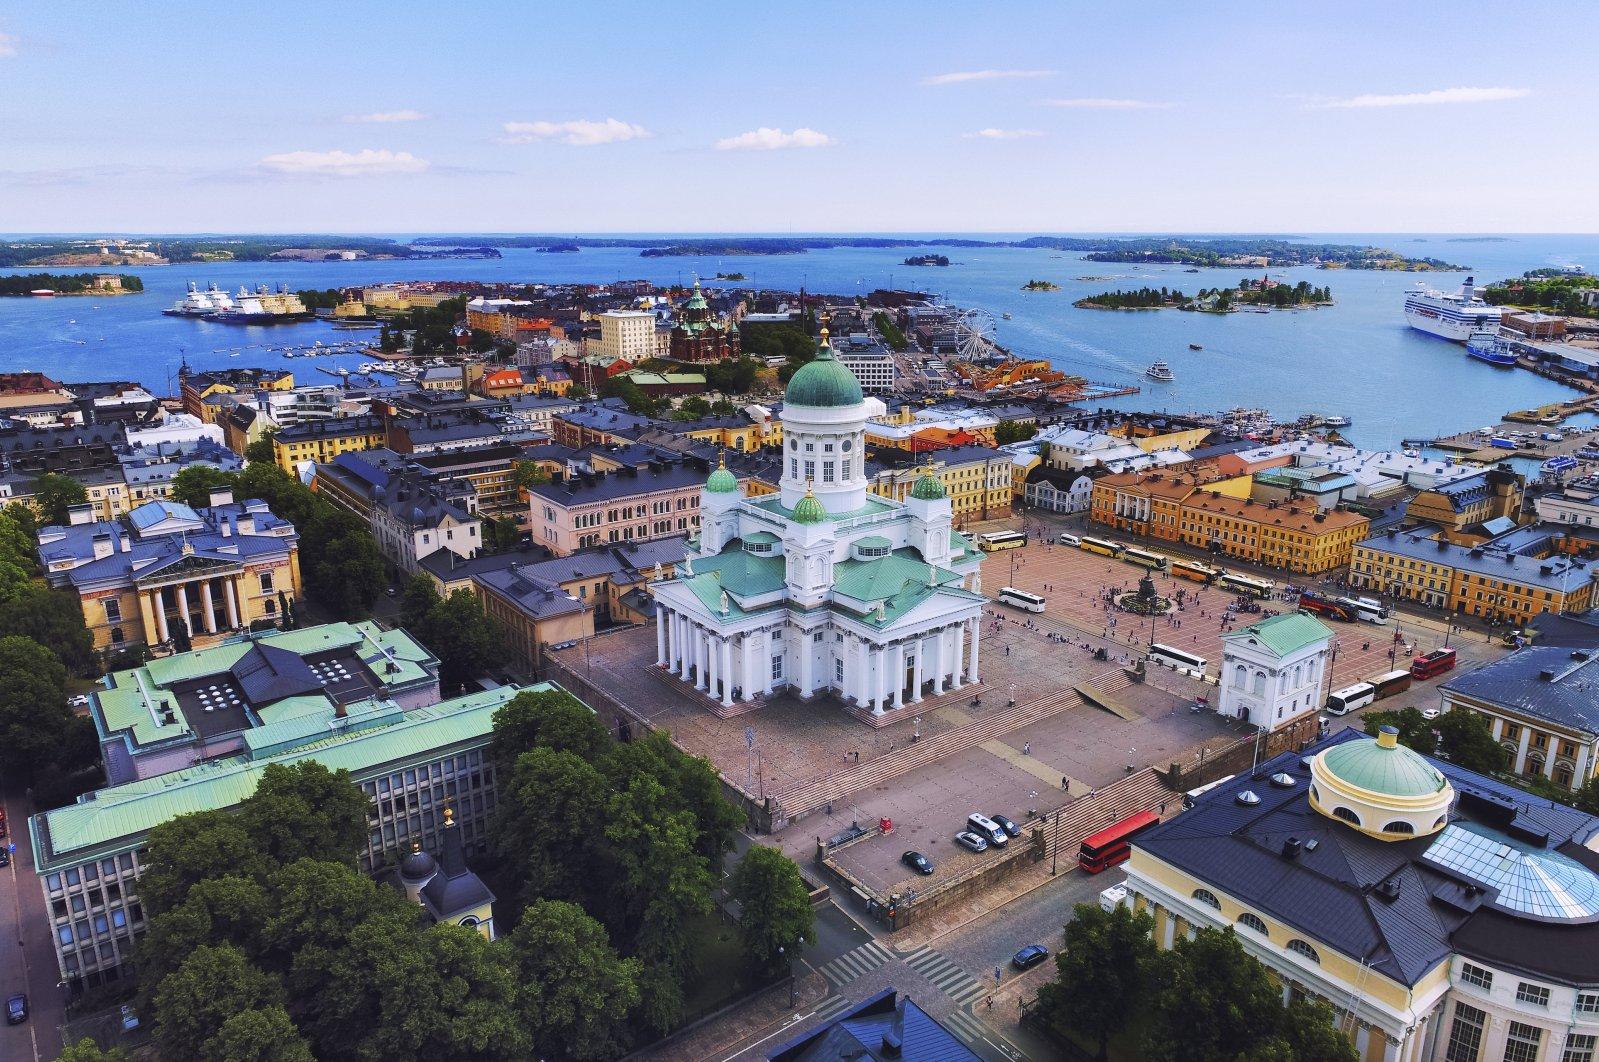 Helsinki (Getty Images)